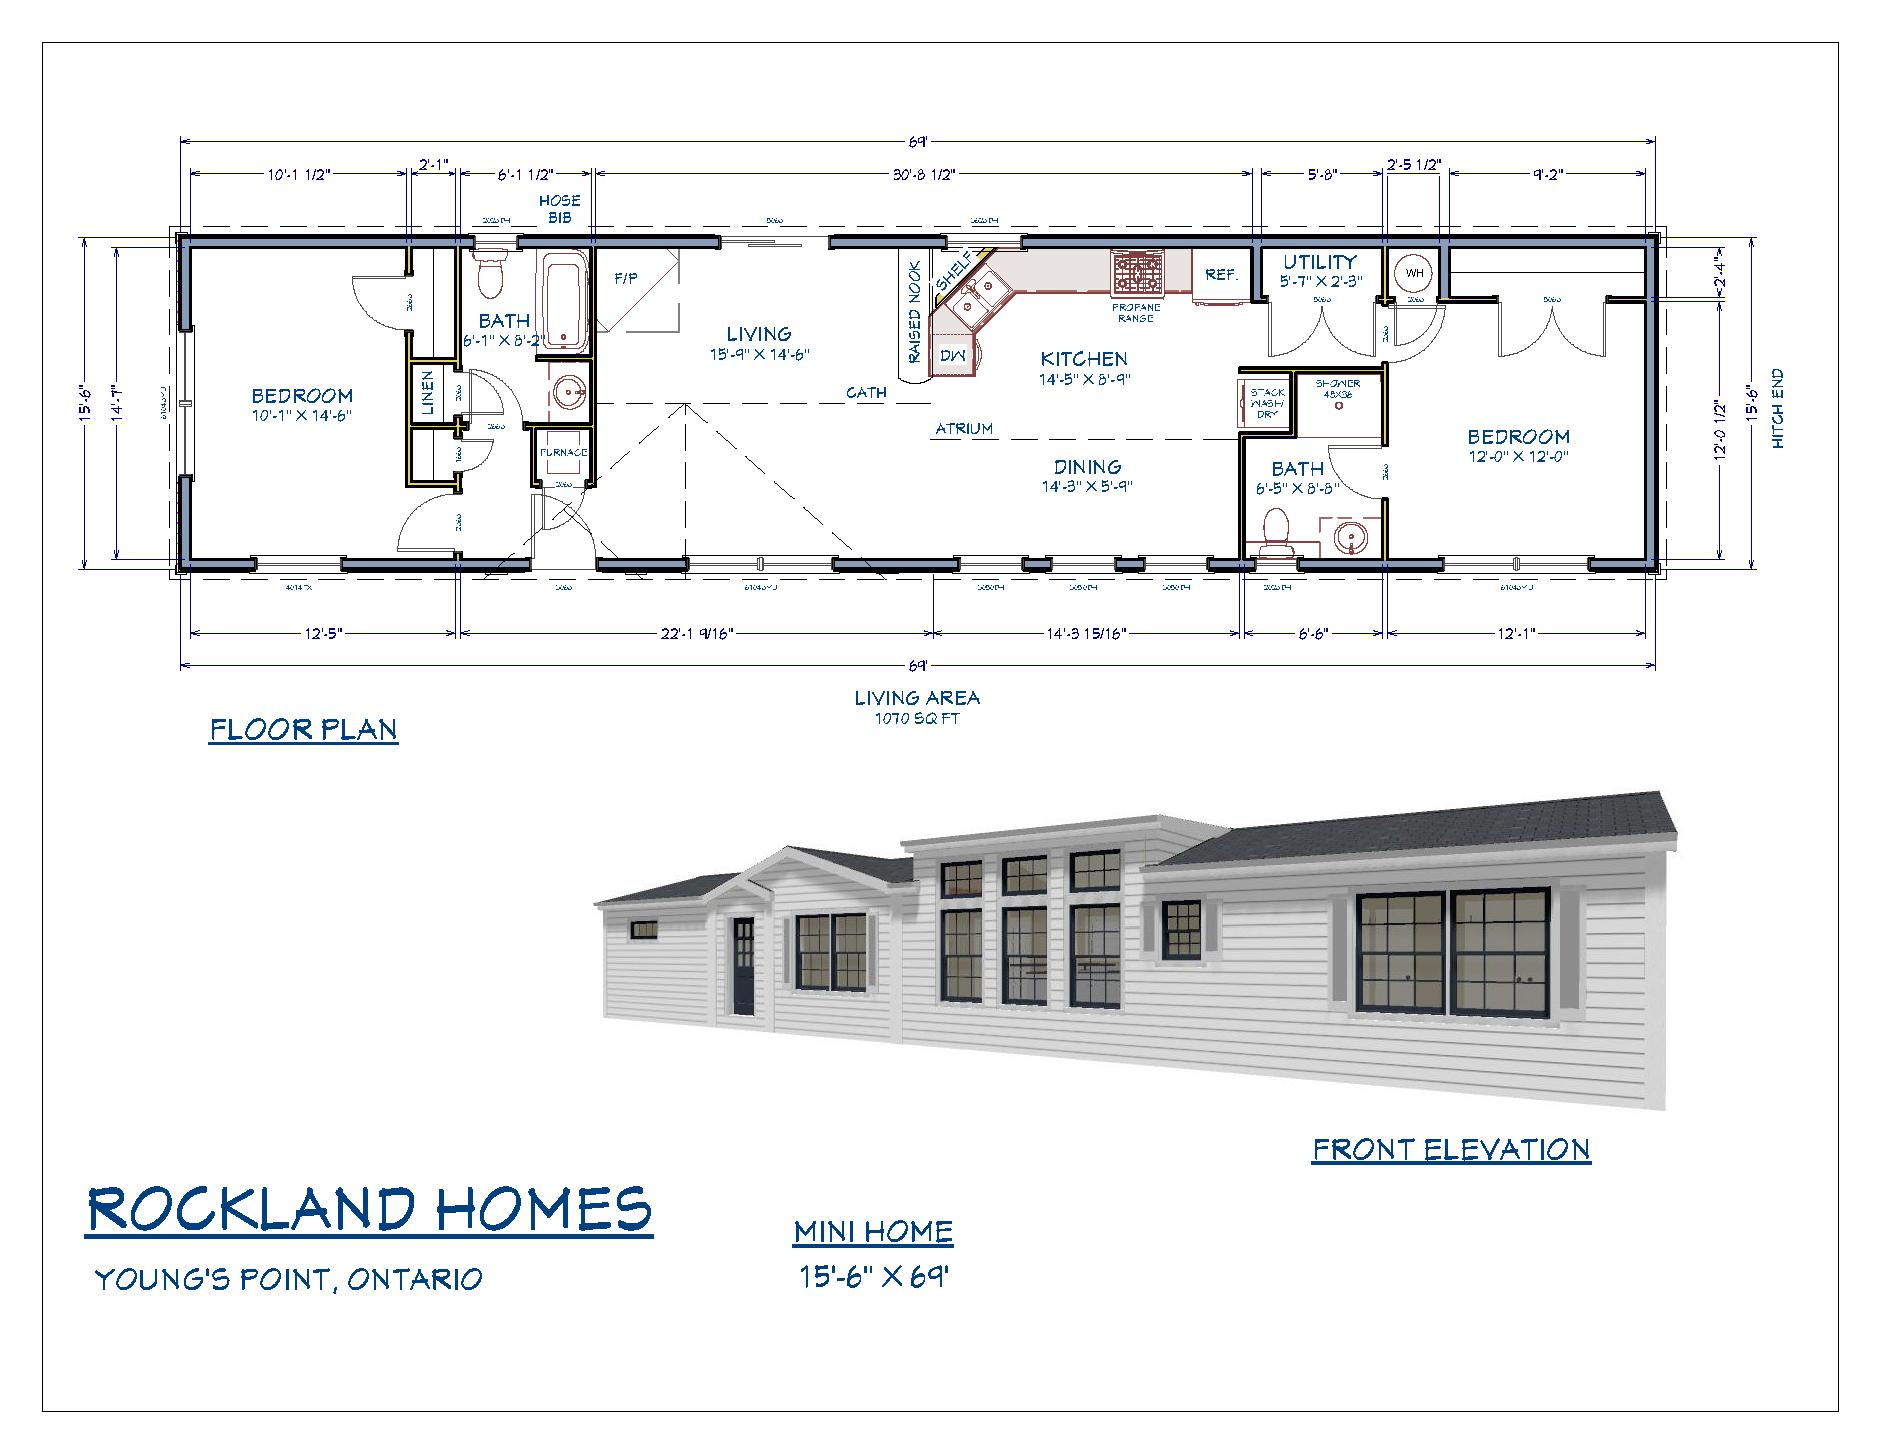 Model Home Floor Plan